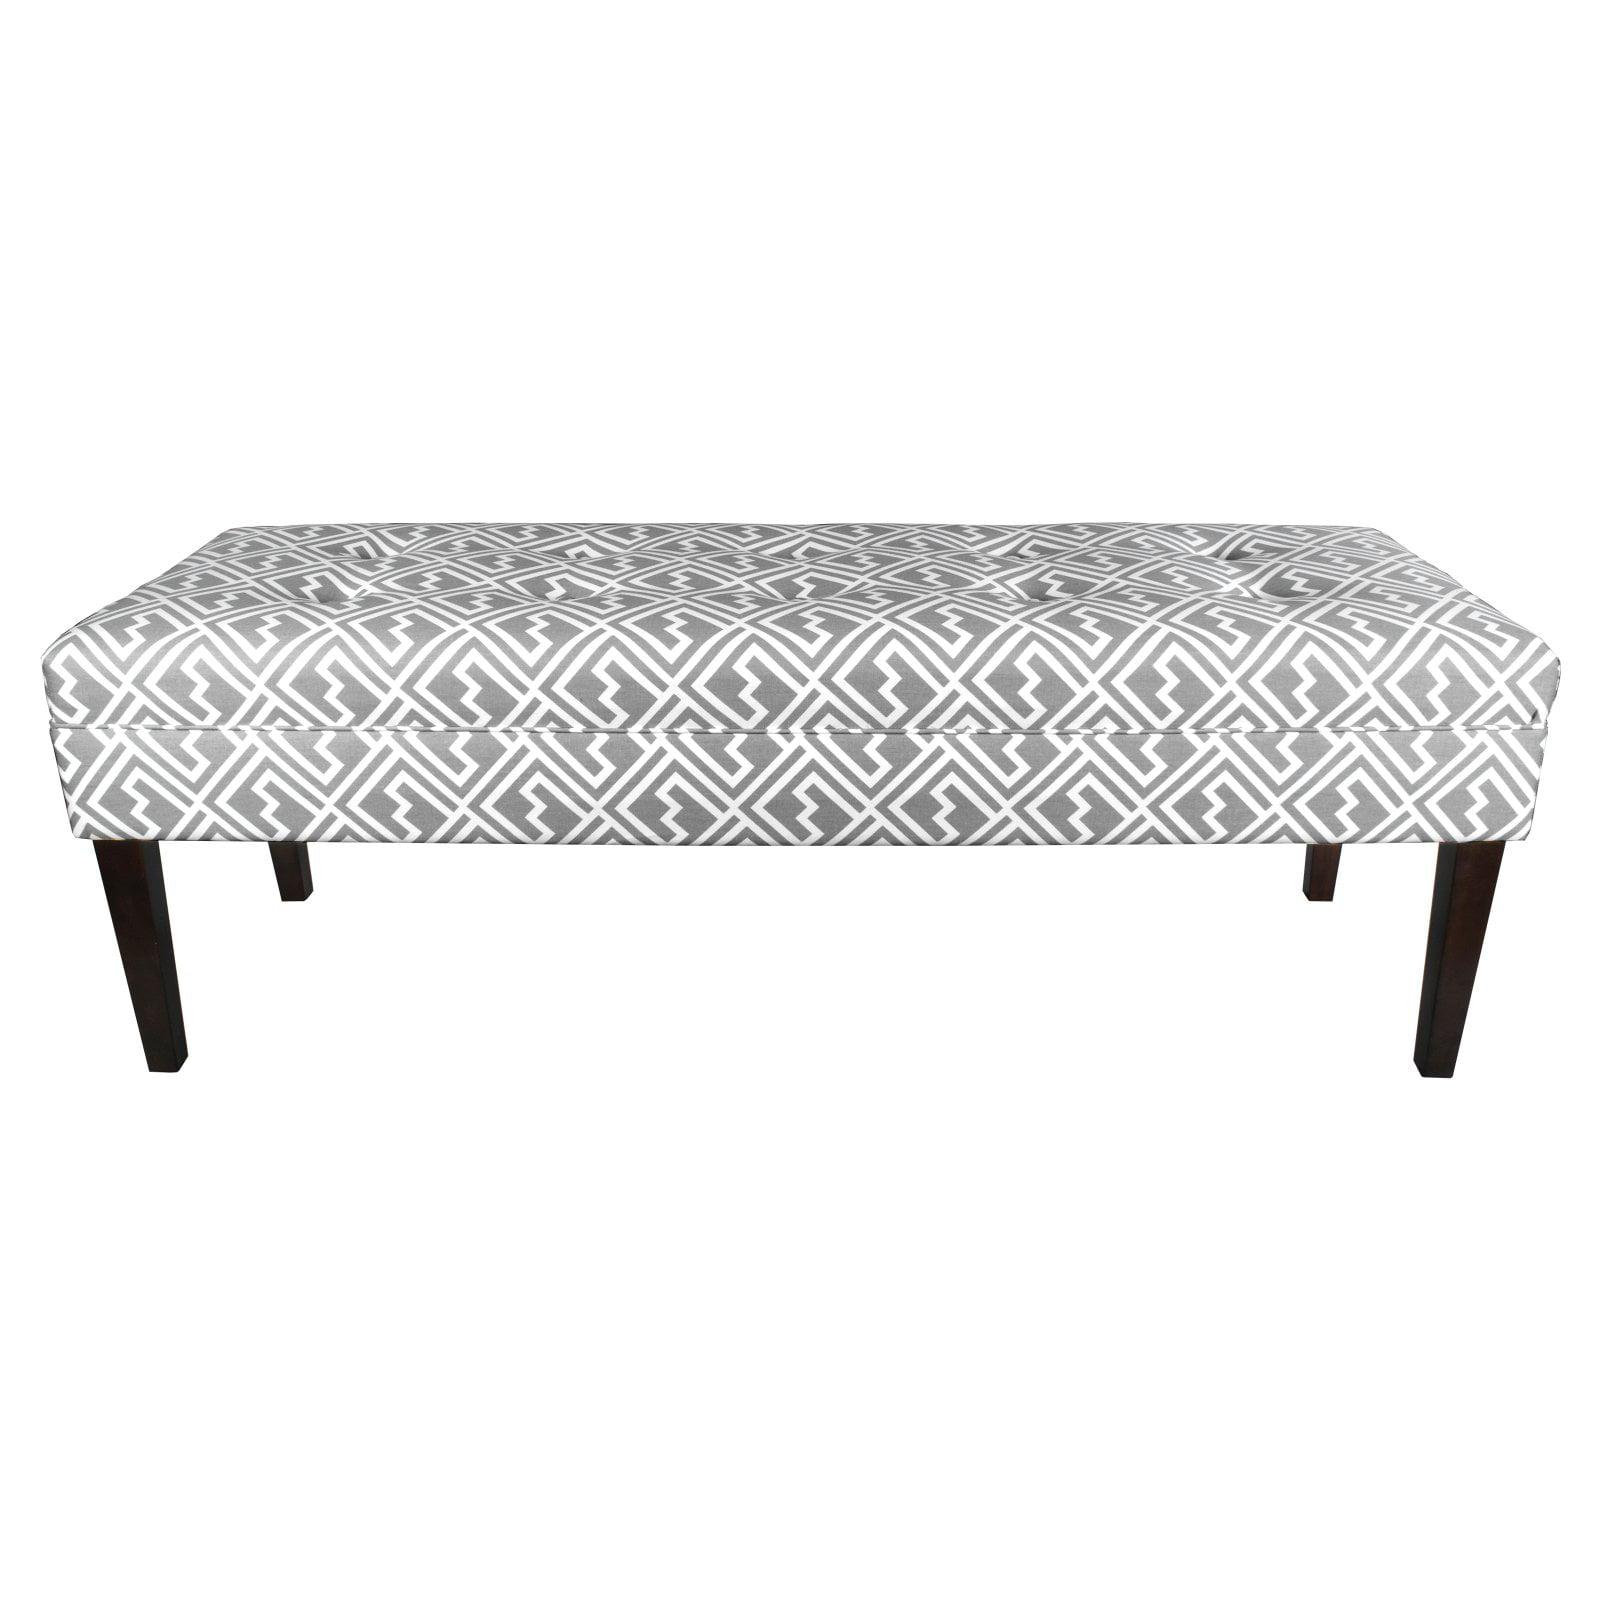 MJL Designs Kaya Fabric Bench